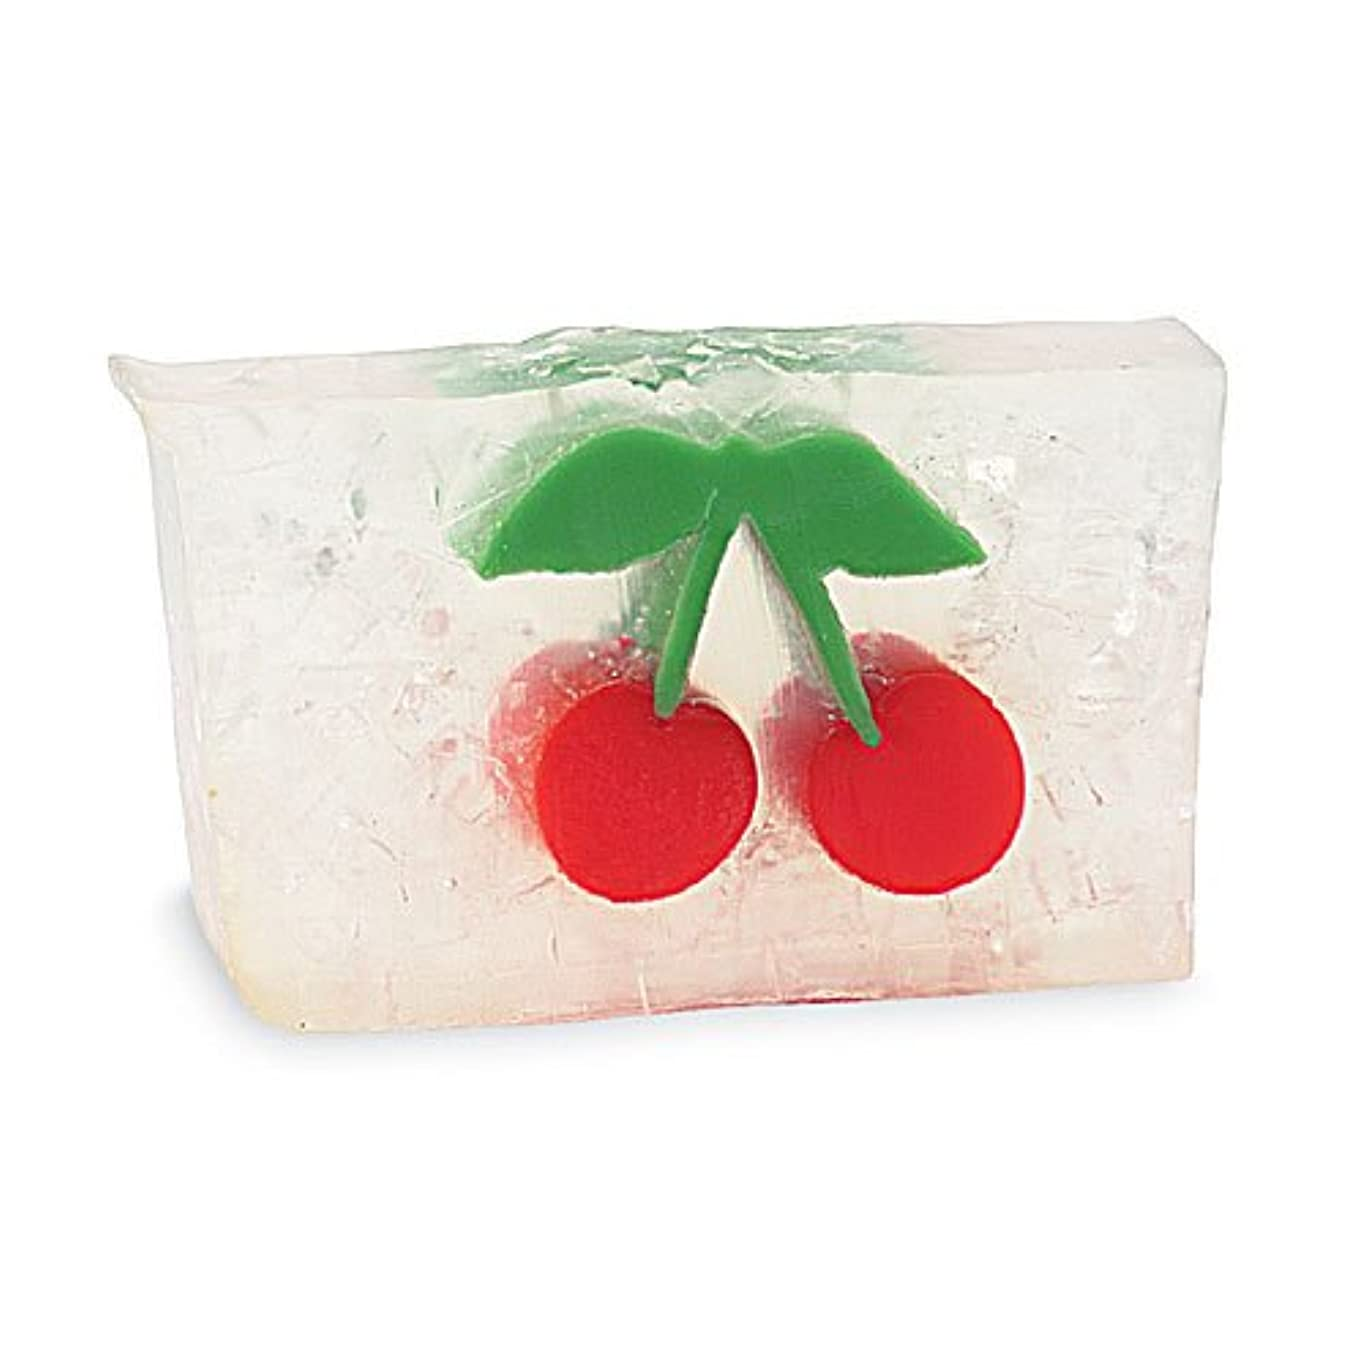 胆嚢入る損失プライモールエレメンツ アロマティック ソープ チェリー 180g 植物性 ナチュラル 石鹸 無添加